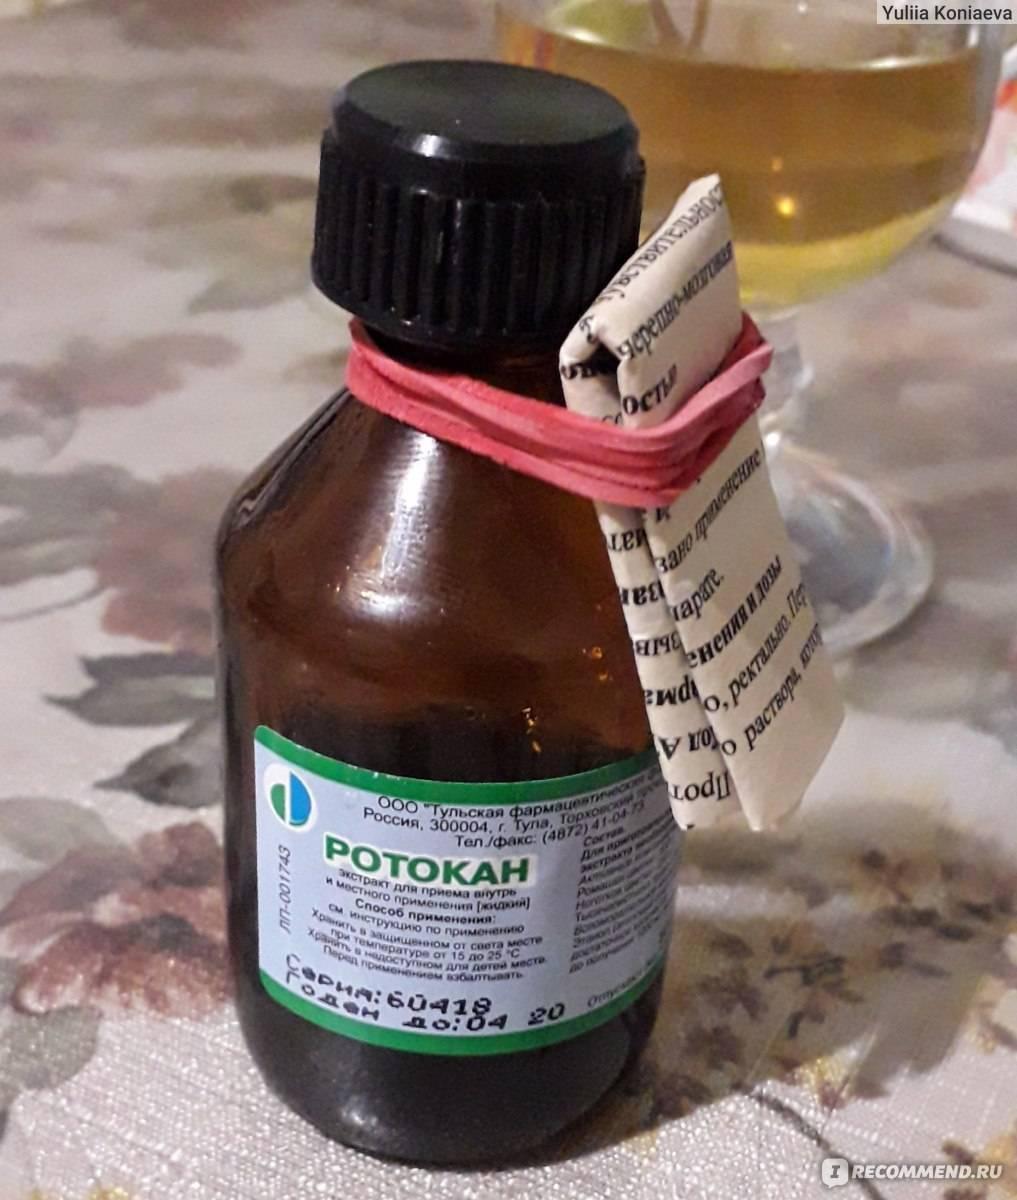 Пропорции полоскания горла содой и солью